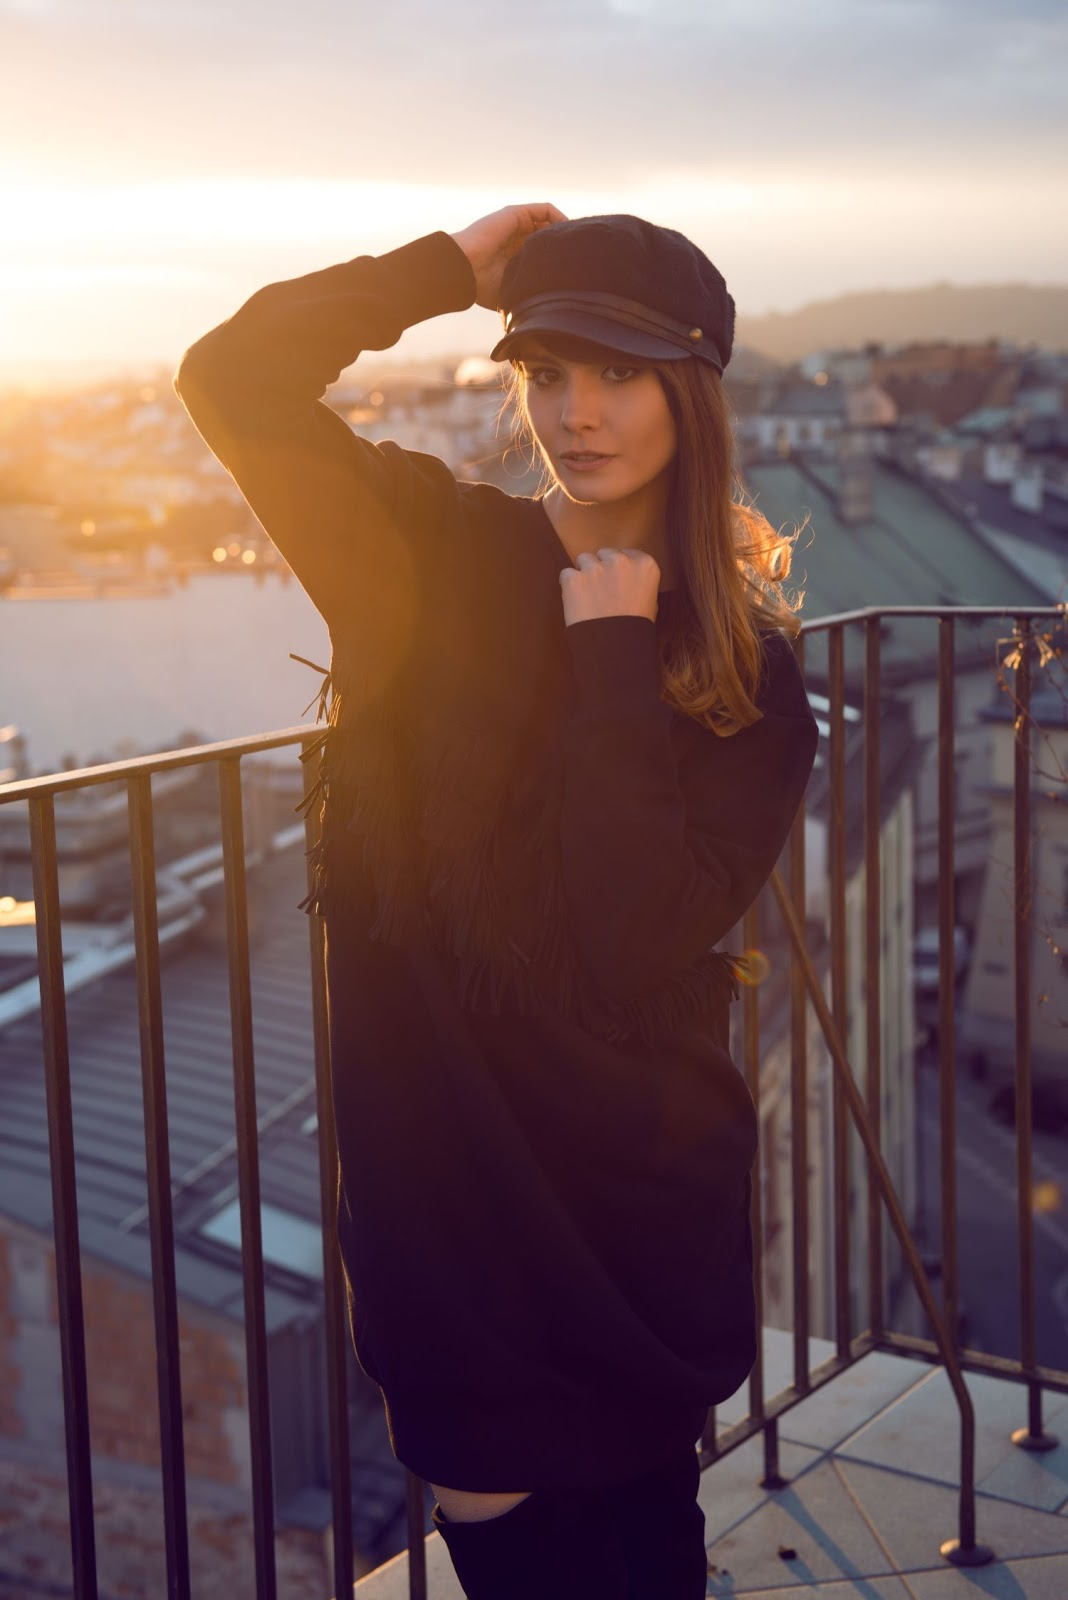 blogi o modzie | urodowe | moda | lookbook preska